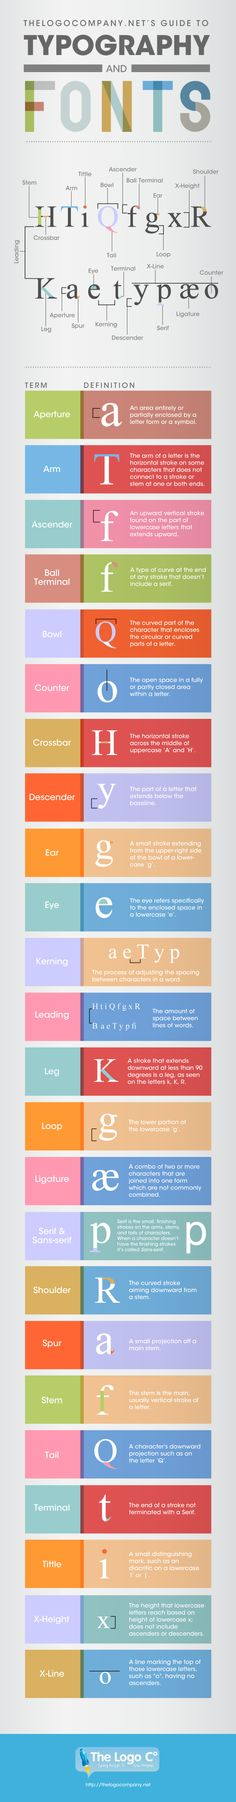 Guía sobre Tipografía y Fuentes